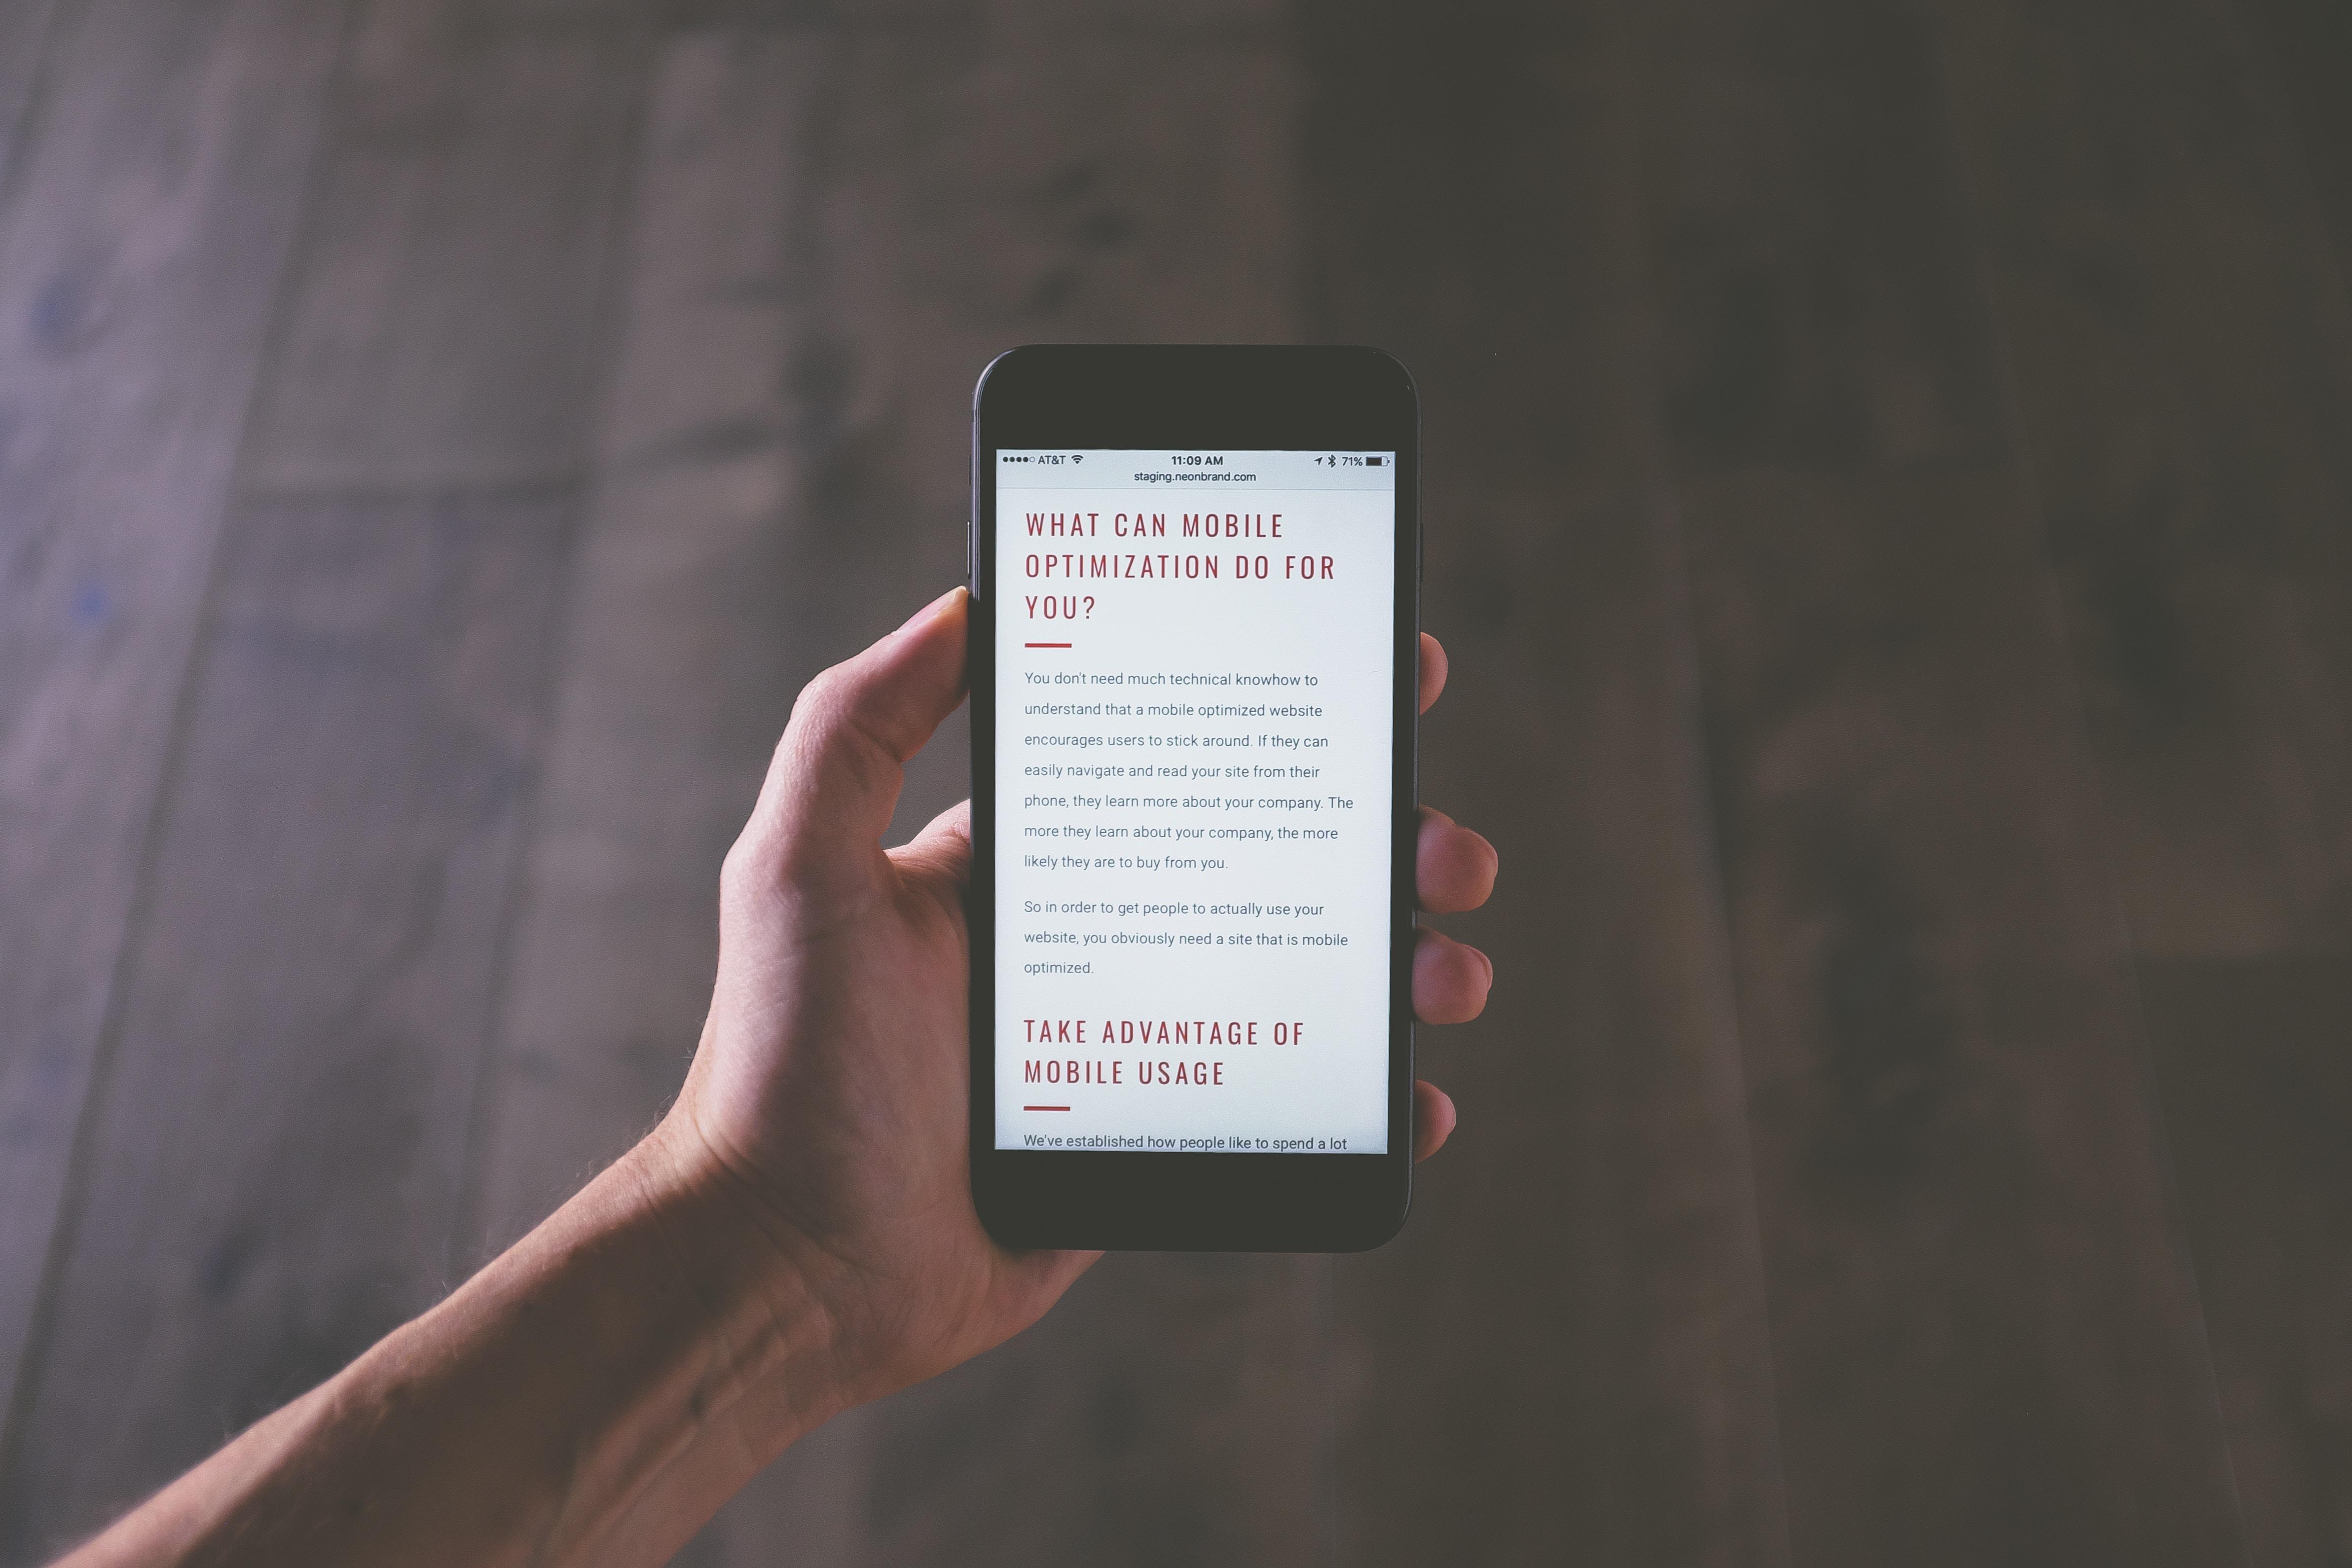 Witryny responsywne można przeglądać na smartfonie i tablecie z taką samą łatwością jak na monitorze komputera.